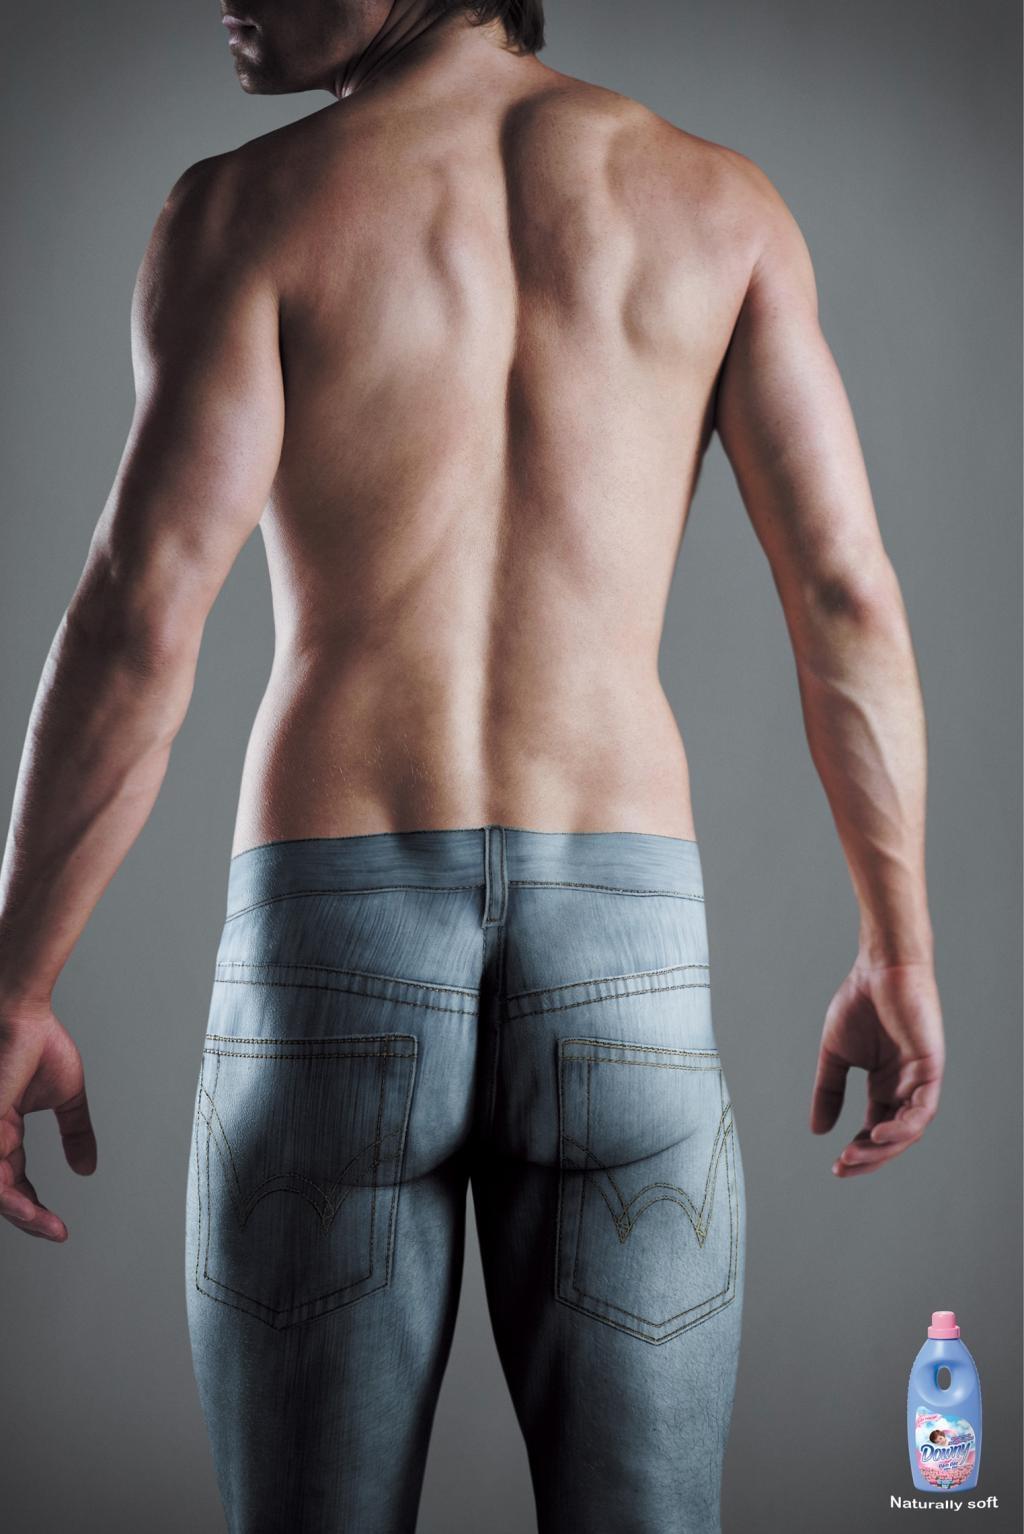 Раскраска голого тела 1 фотография